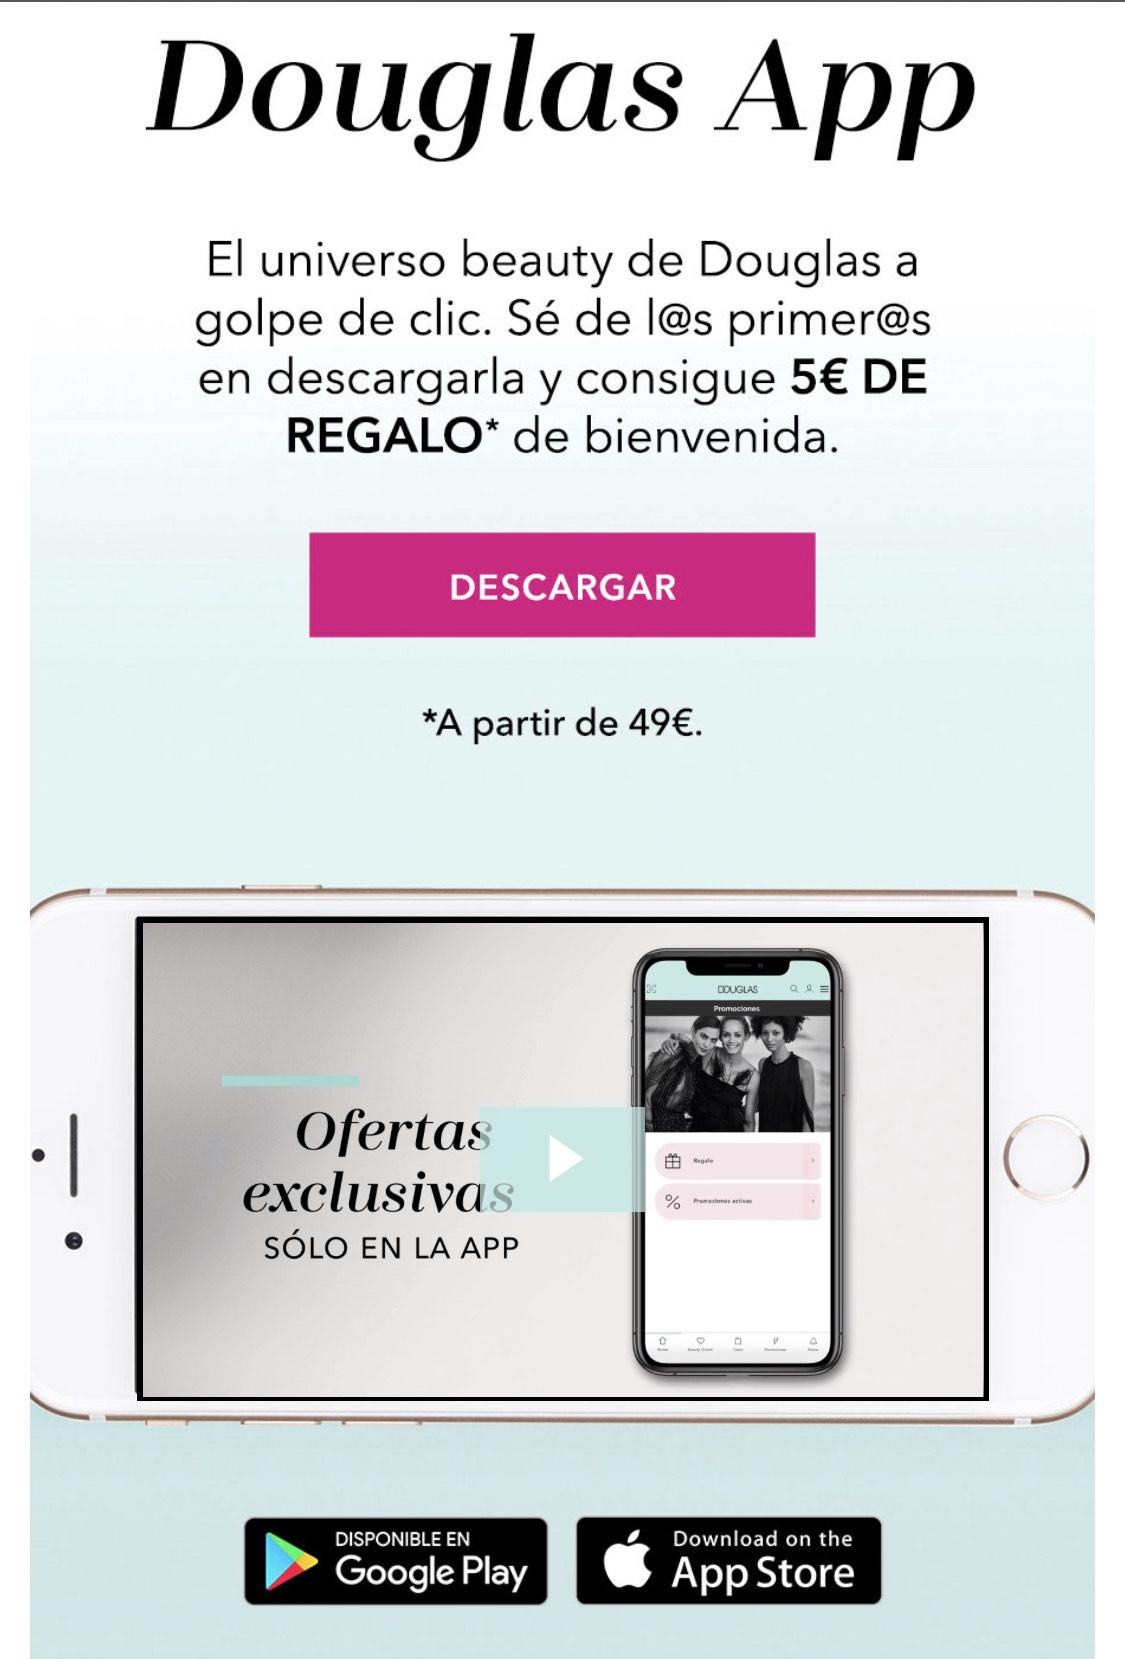 5€ descuento en Douglas app